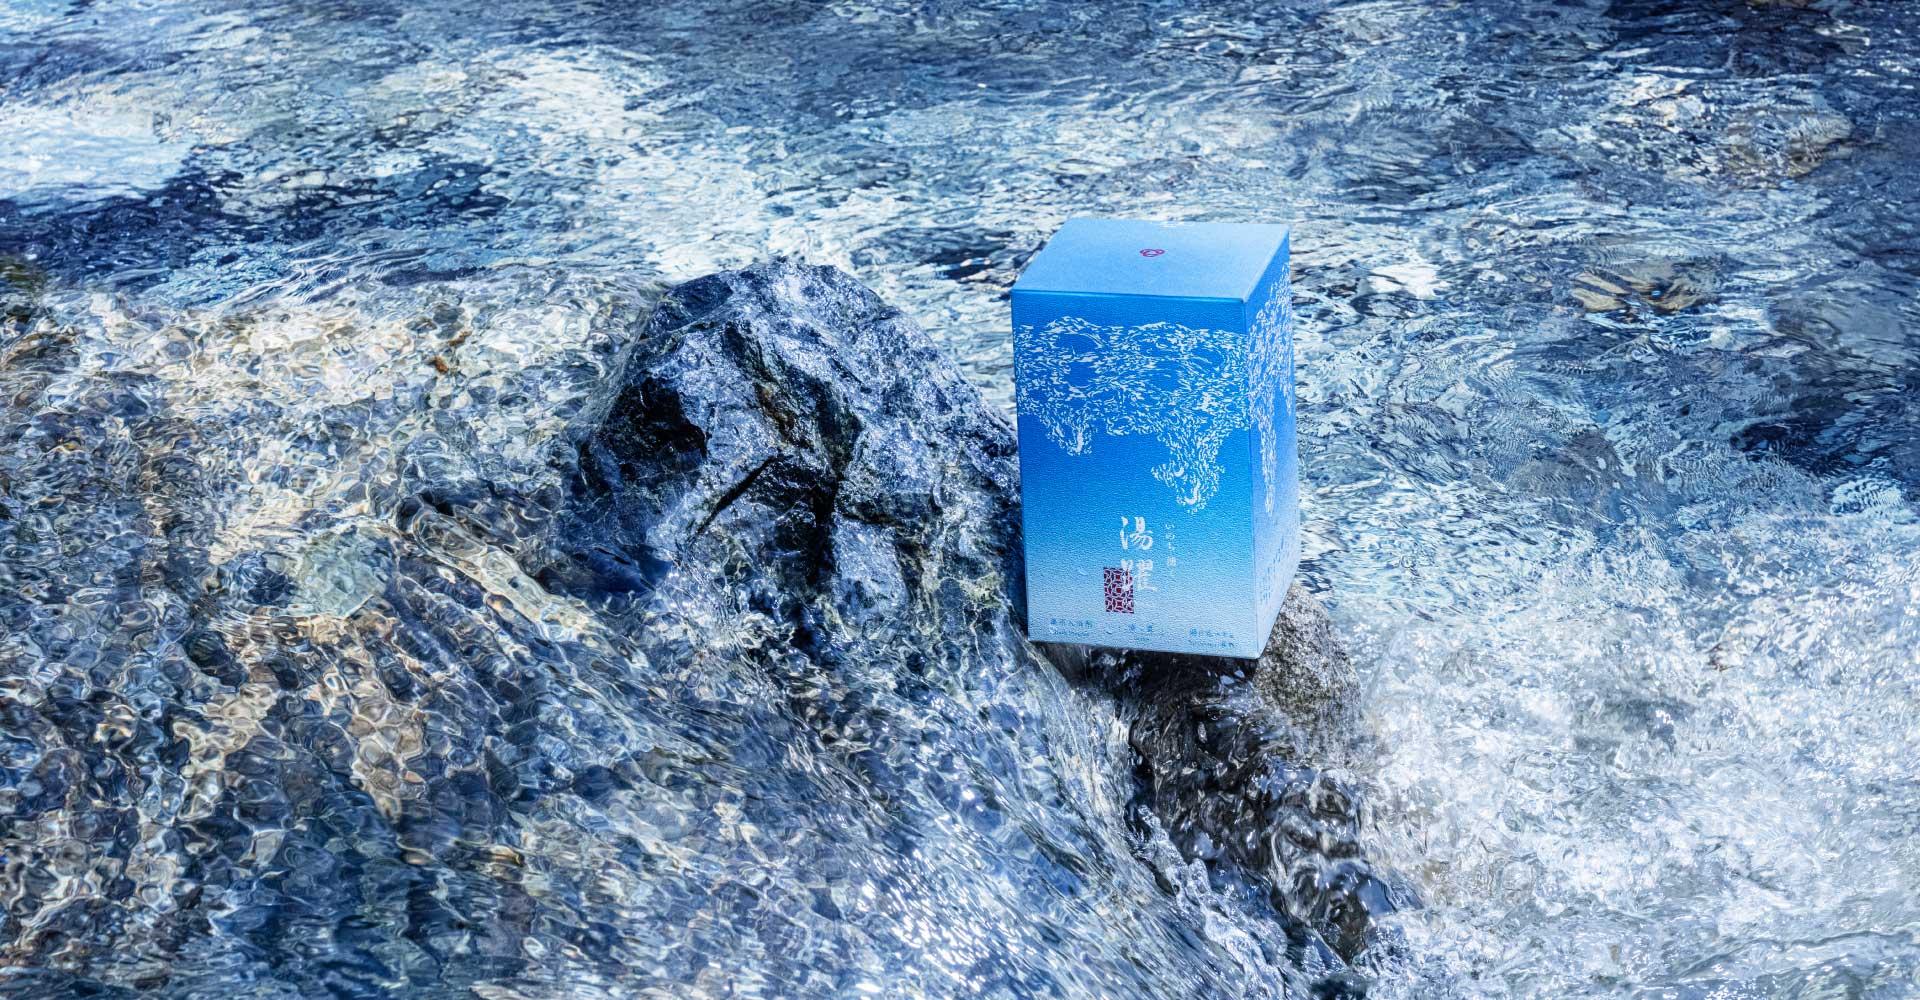 夏用 夏季限定 薬用 入浴剤 清夏 清涼感あふれる湯上り メントール、ハッカ油配合のクールタイプ入浴剤